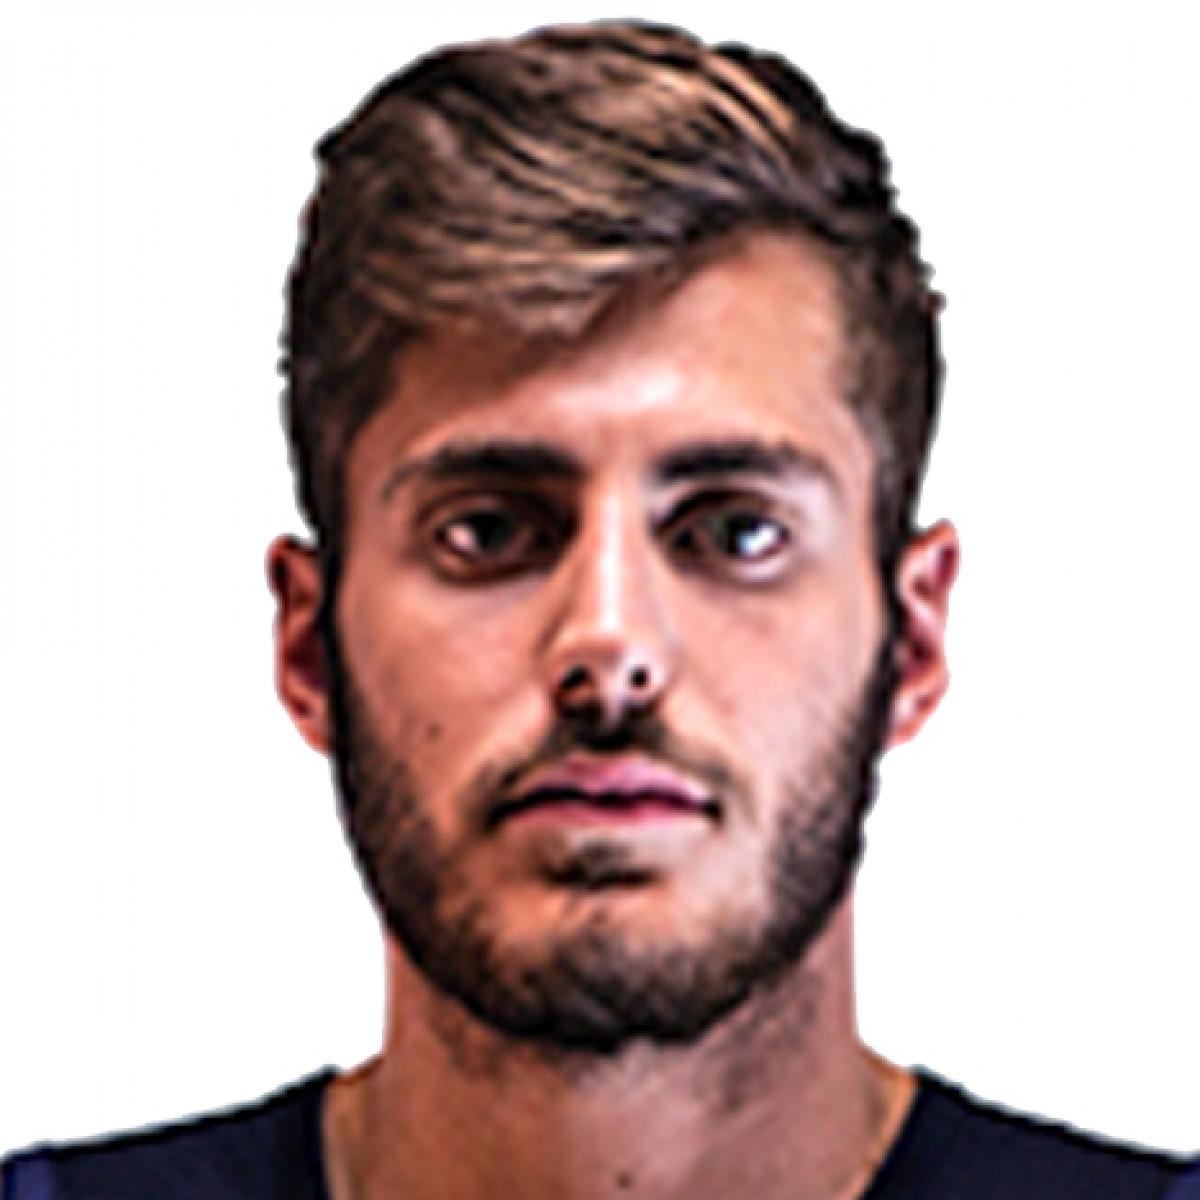 Alexander Cicchetti